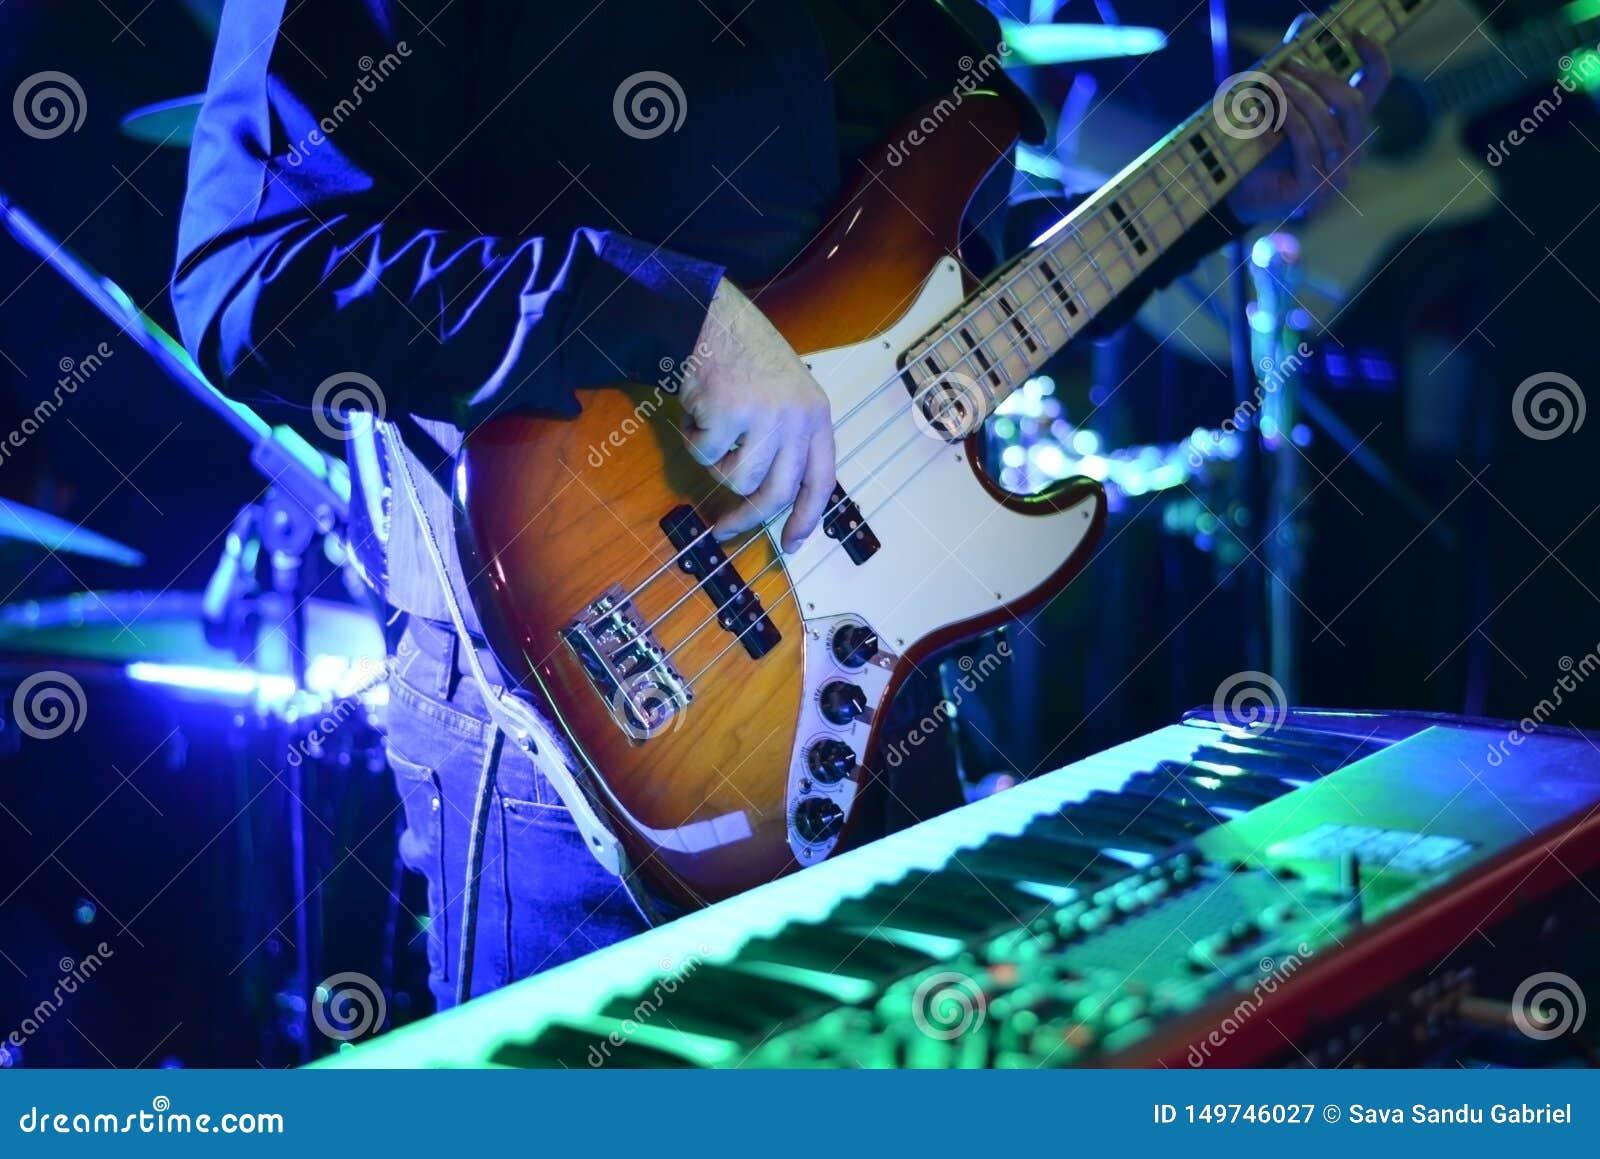 Mano dell uomo che gioca chitarra al concerto di musica durante la notte